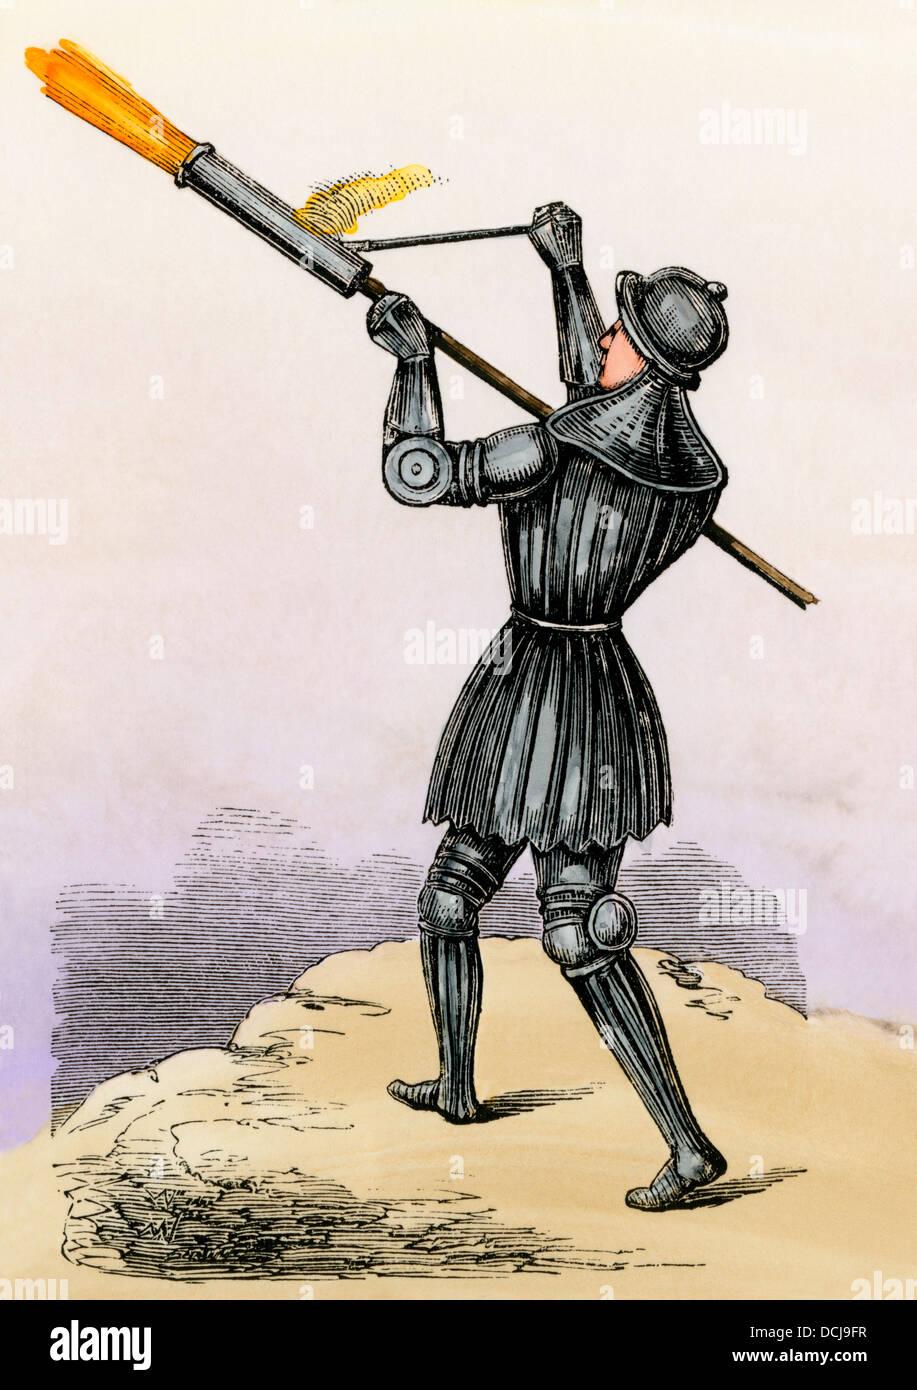 Part-bombard, un canon à main des années 1400, peut-être la première arme à feu portative. Photo Stock